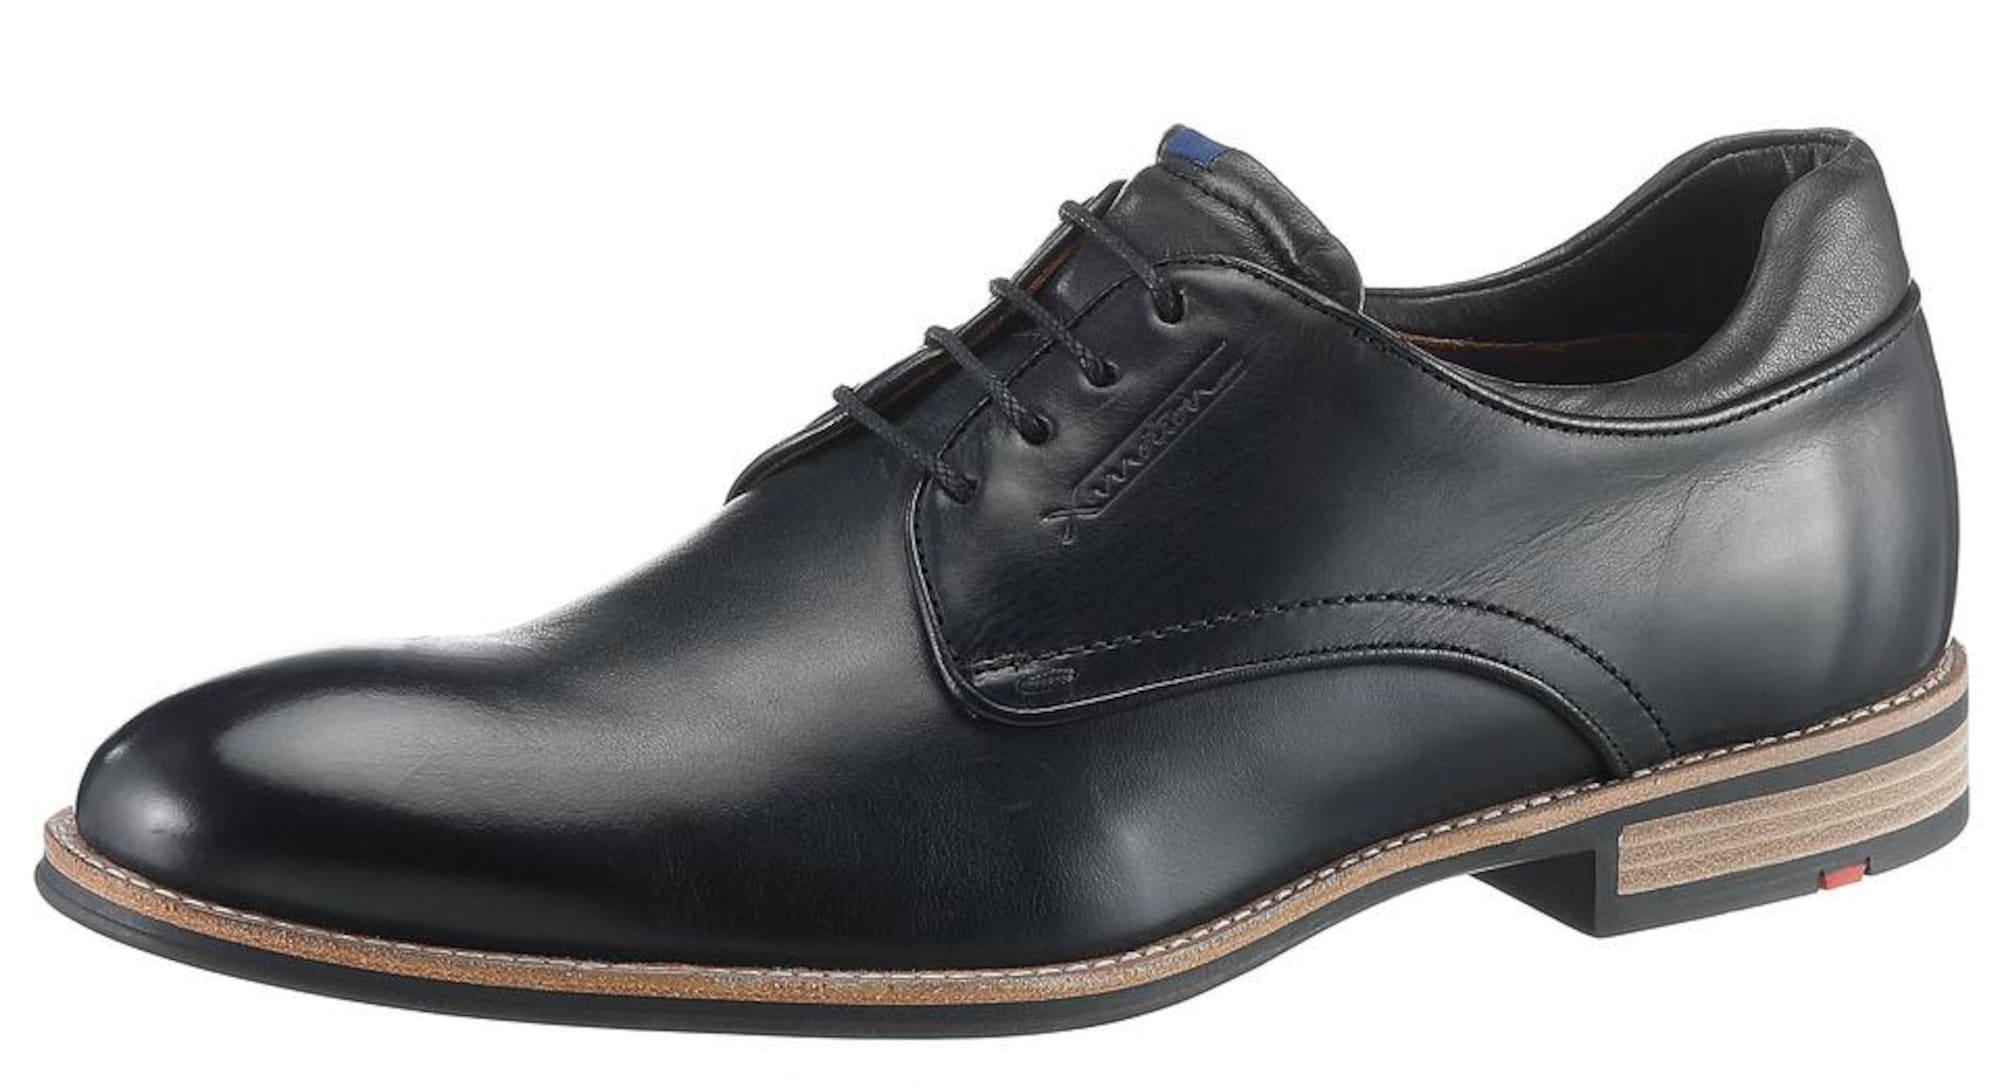 Šněrovací boty Massimo černá LLOYD